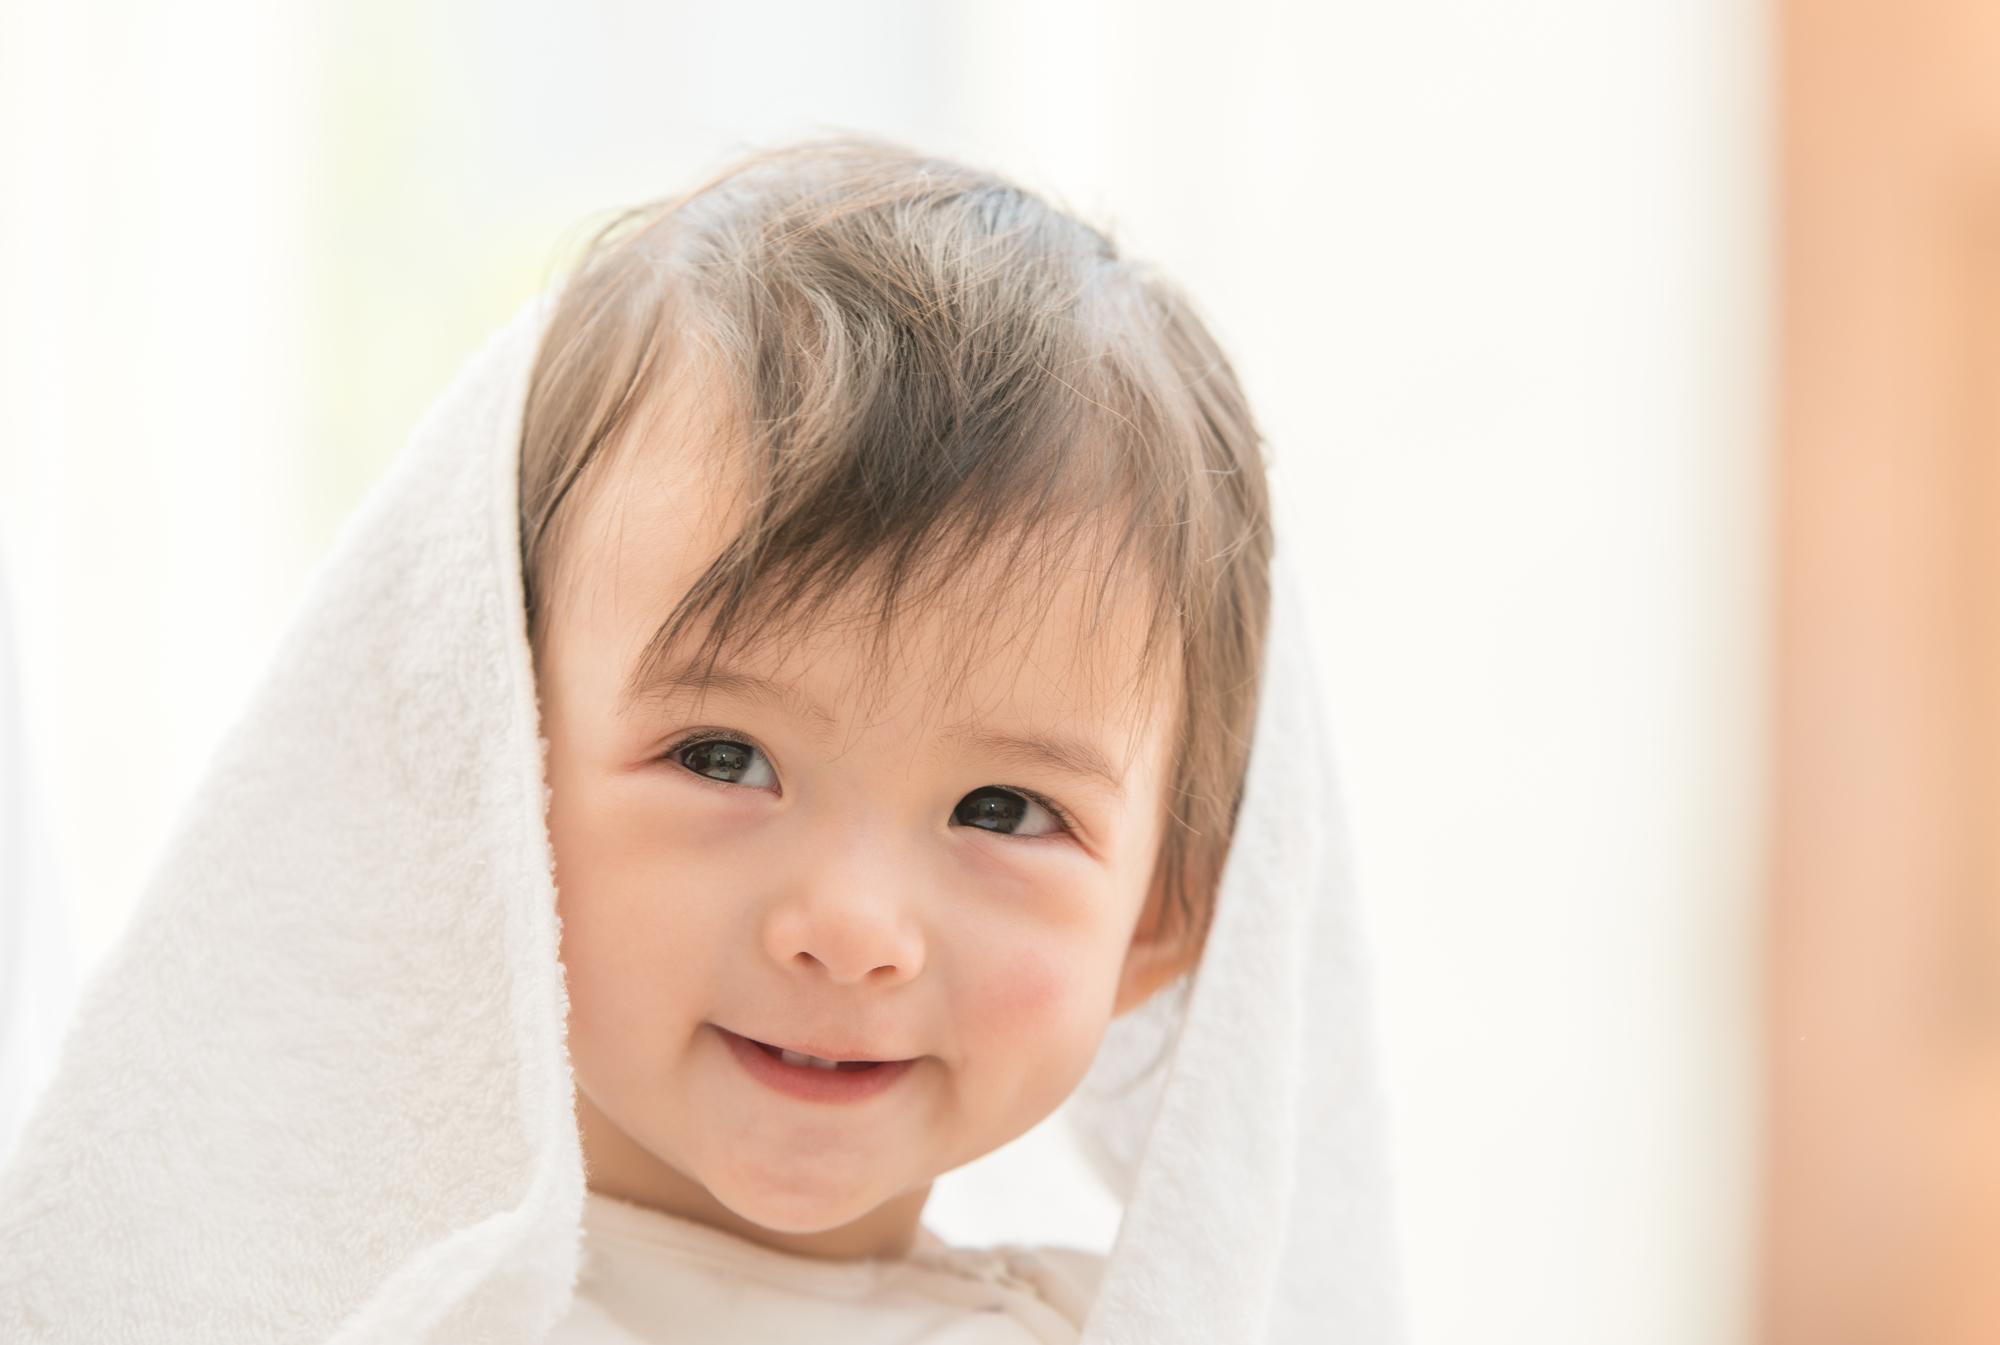 赤ちゃんがいるならカシミヤストールがおすすめ?赤ちゃんの肌にも優しく暖かい!